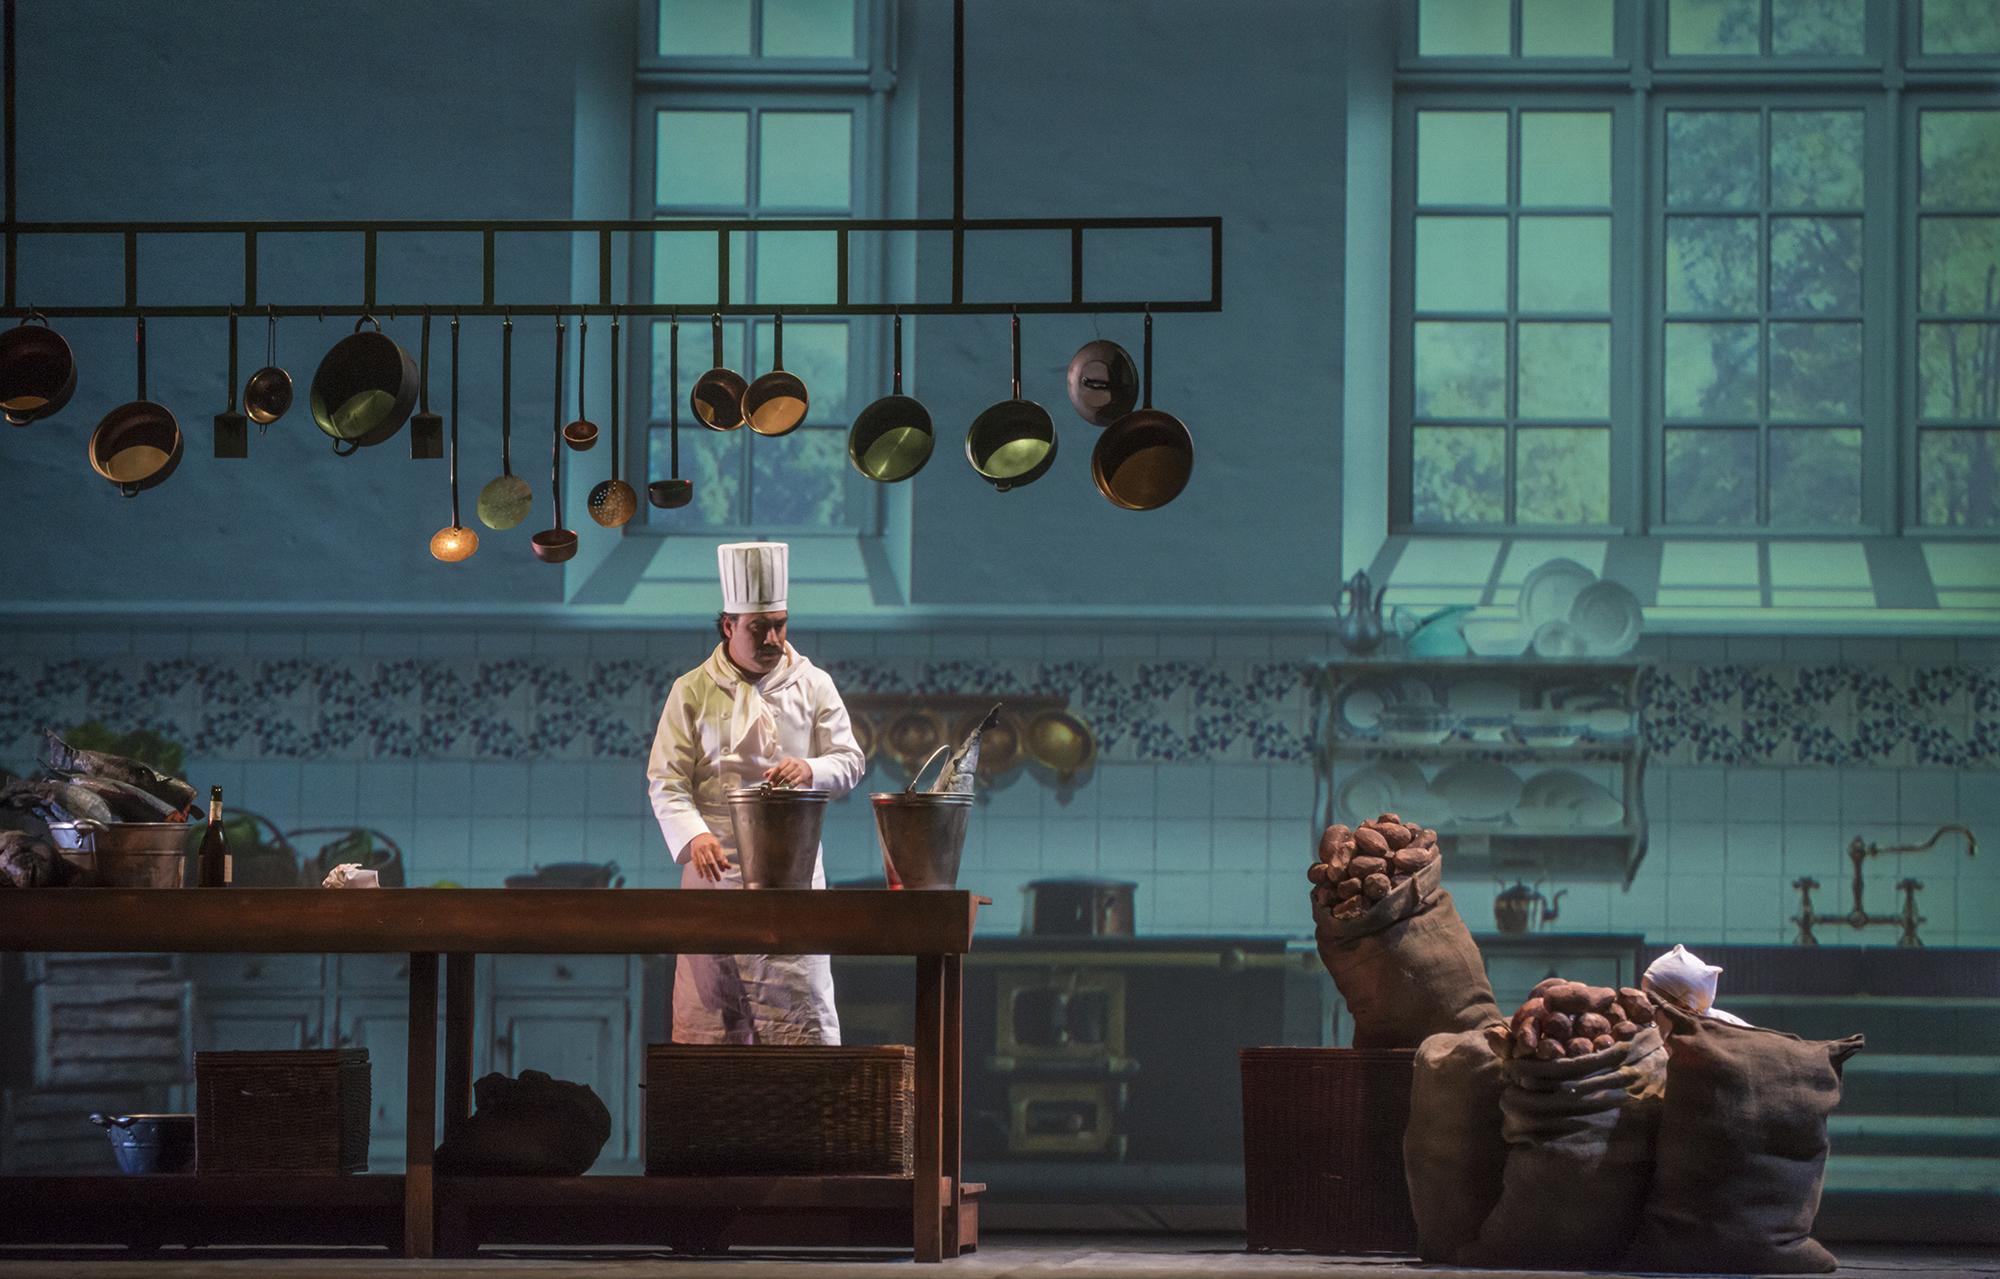 El Cocinero (Javier Weibel) detrás de los sacos semi escondido, su ayudante (Cecilia Pastawsky). foto Patricio Melo